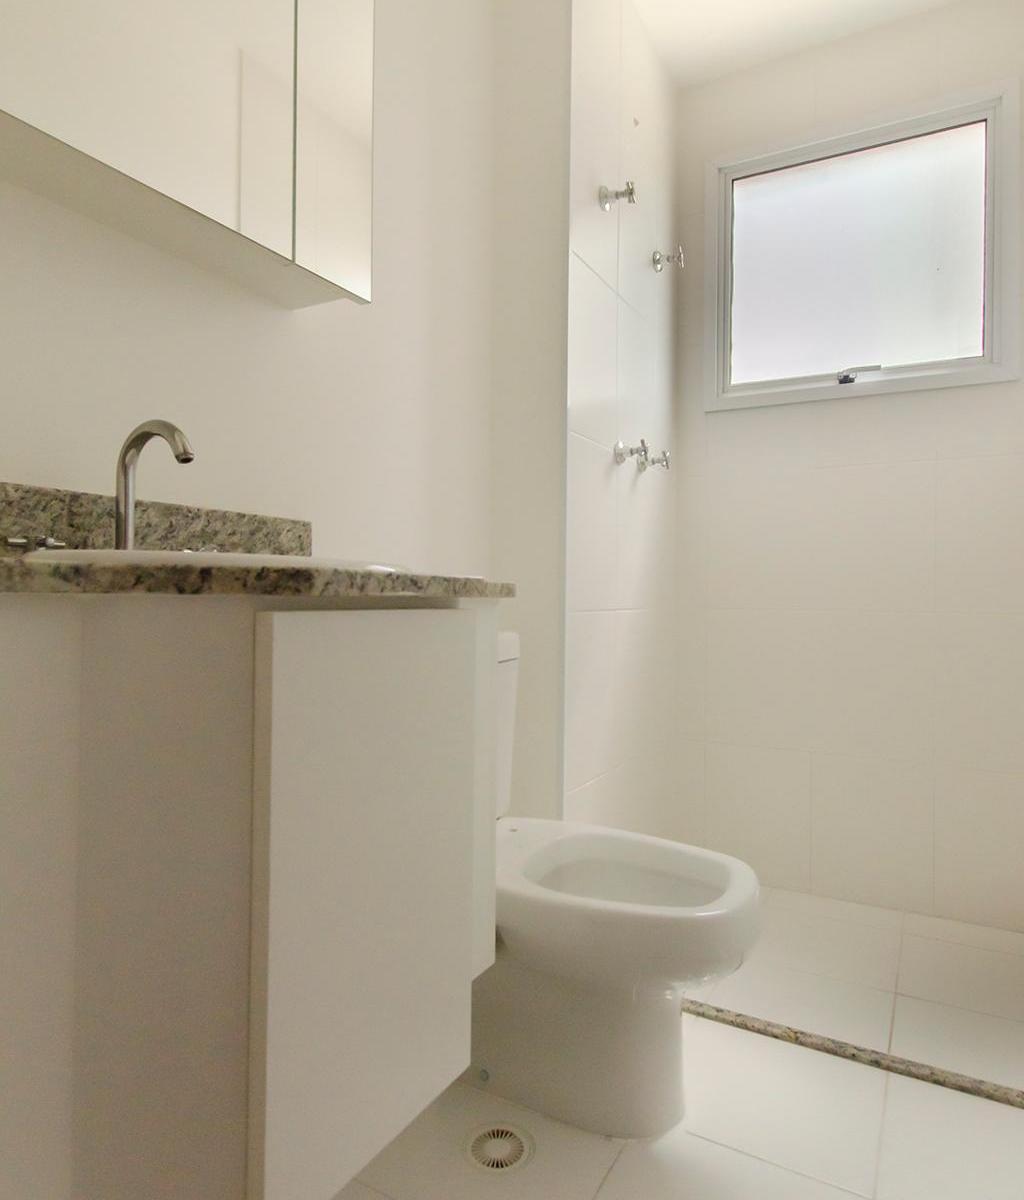 Apartamento para aluguel com 2 Quartos Alphaville Barueri R$ 2.300  #453824 1024x1200 Aviso Para Banheiro Interditado